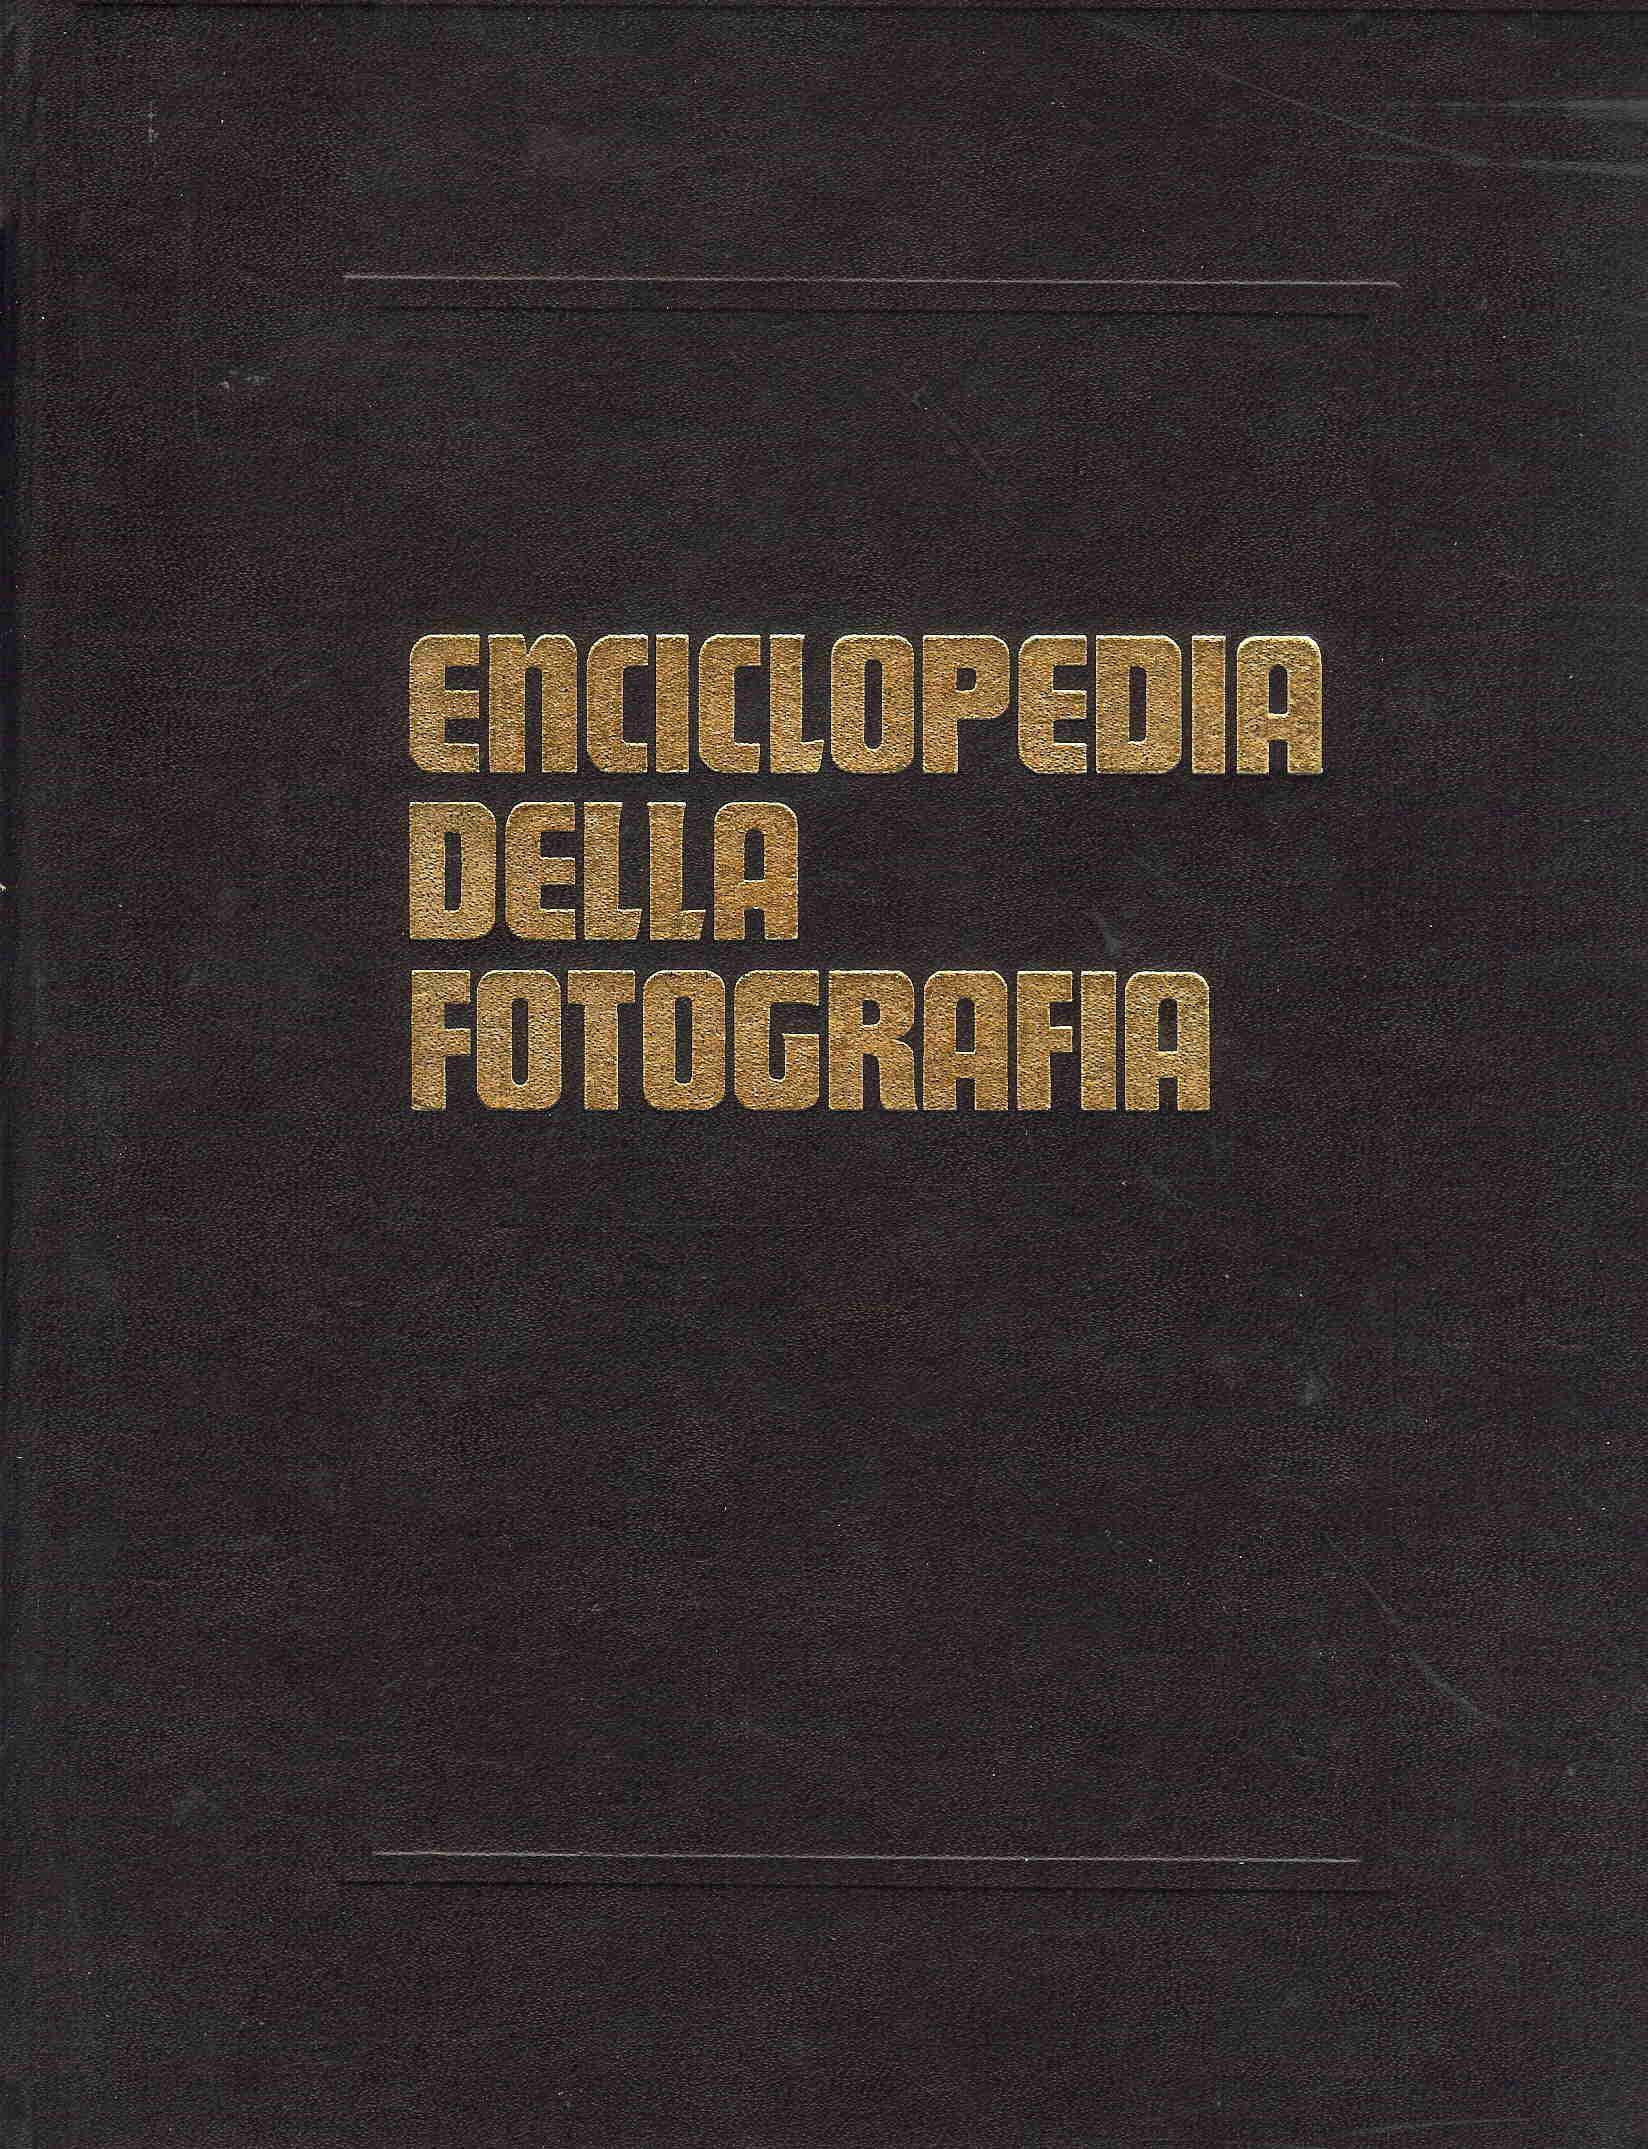 Enciclopedia della fotografia - Vol. 1